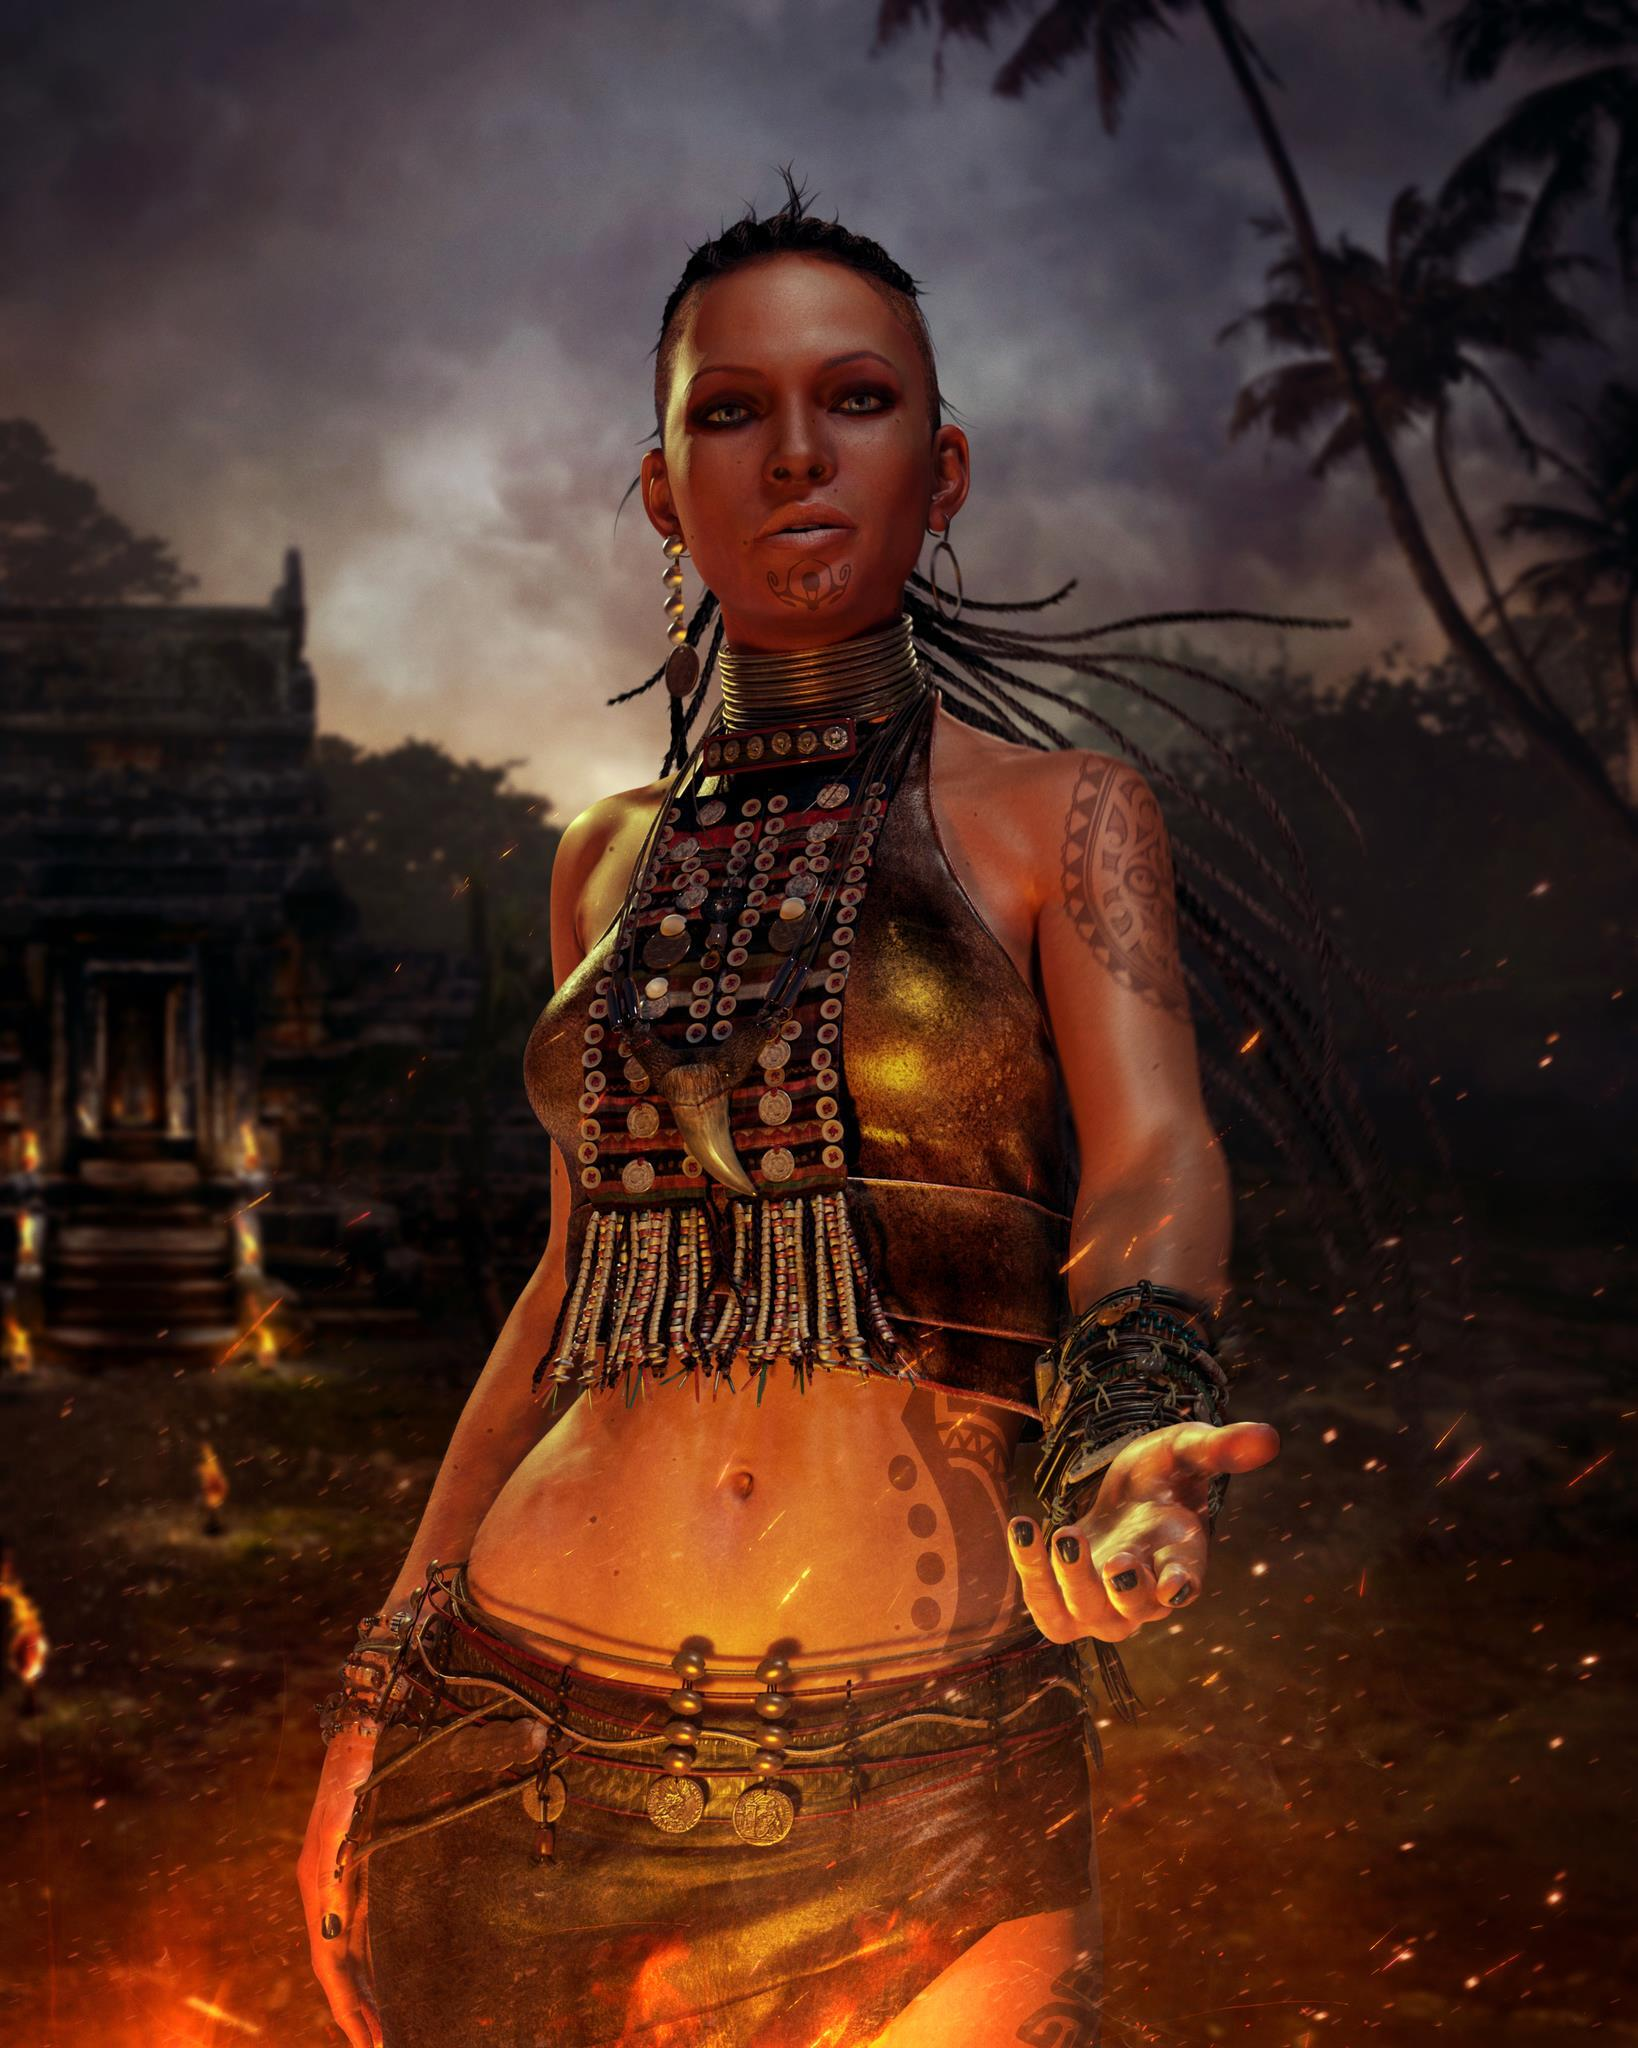 ТОП 10 красивых женских персонажей видеоигр